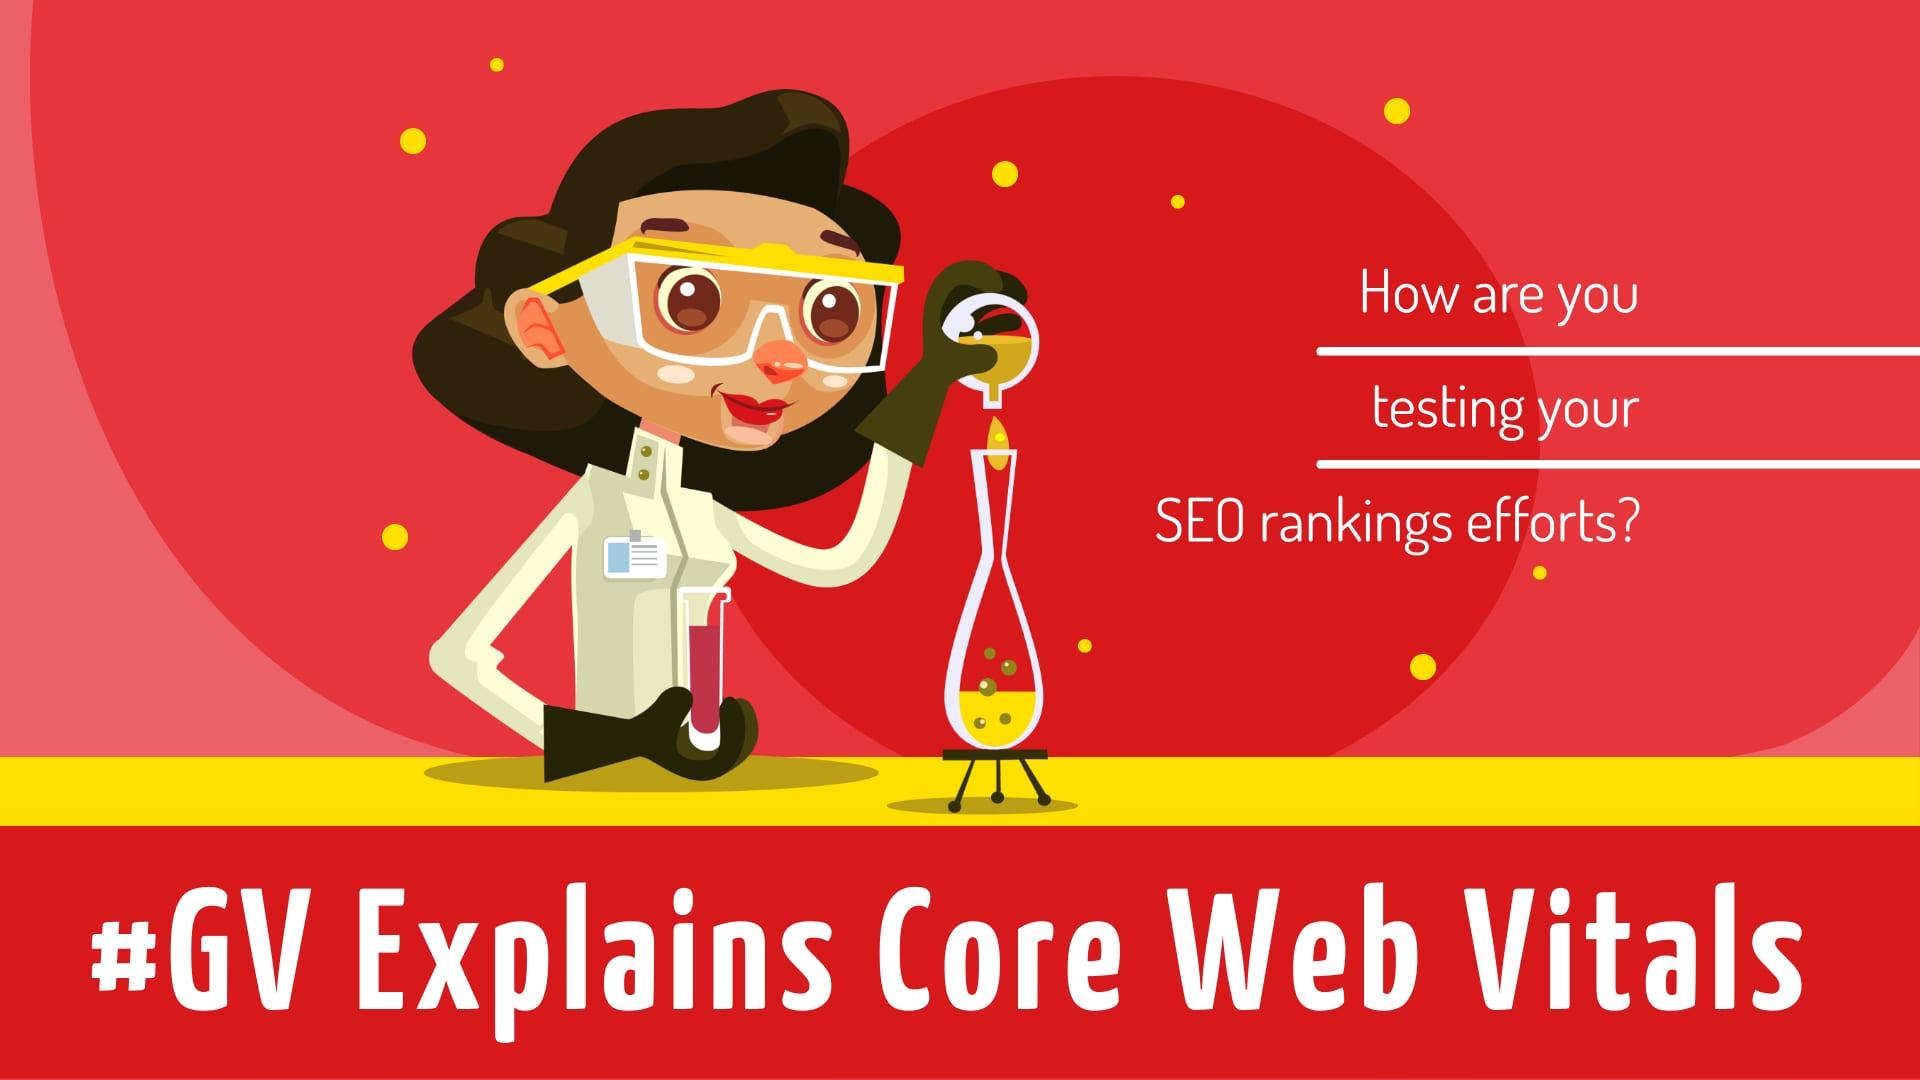 GV Explains Core Web Vitals for SEO Rankings